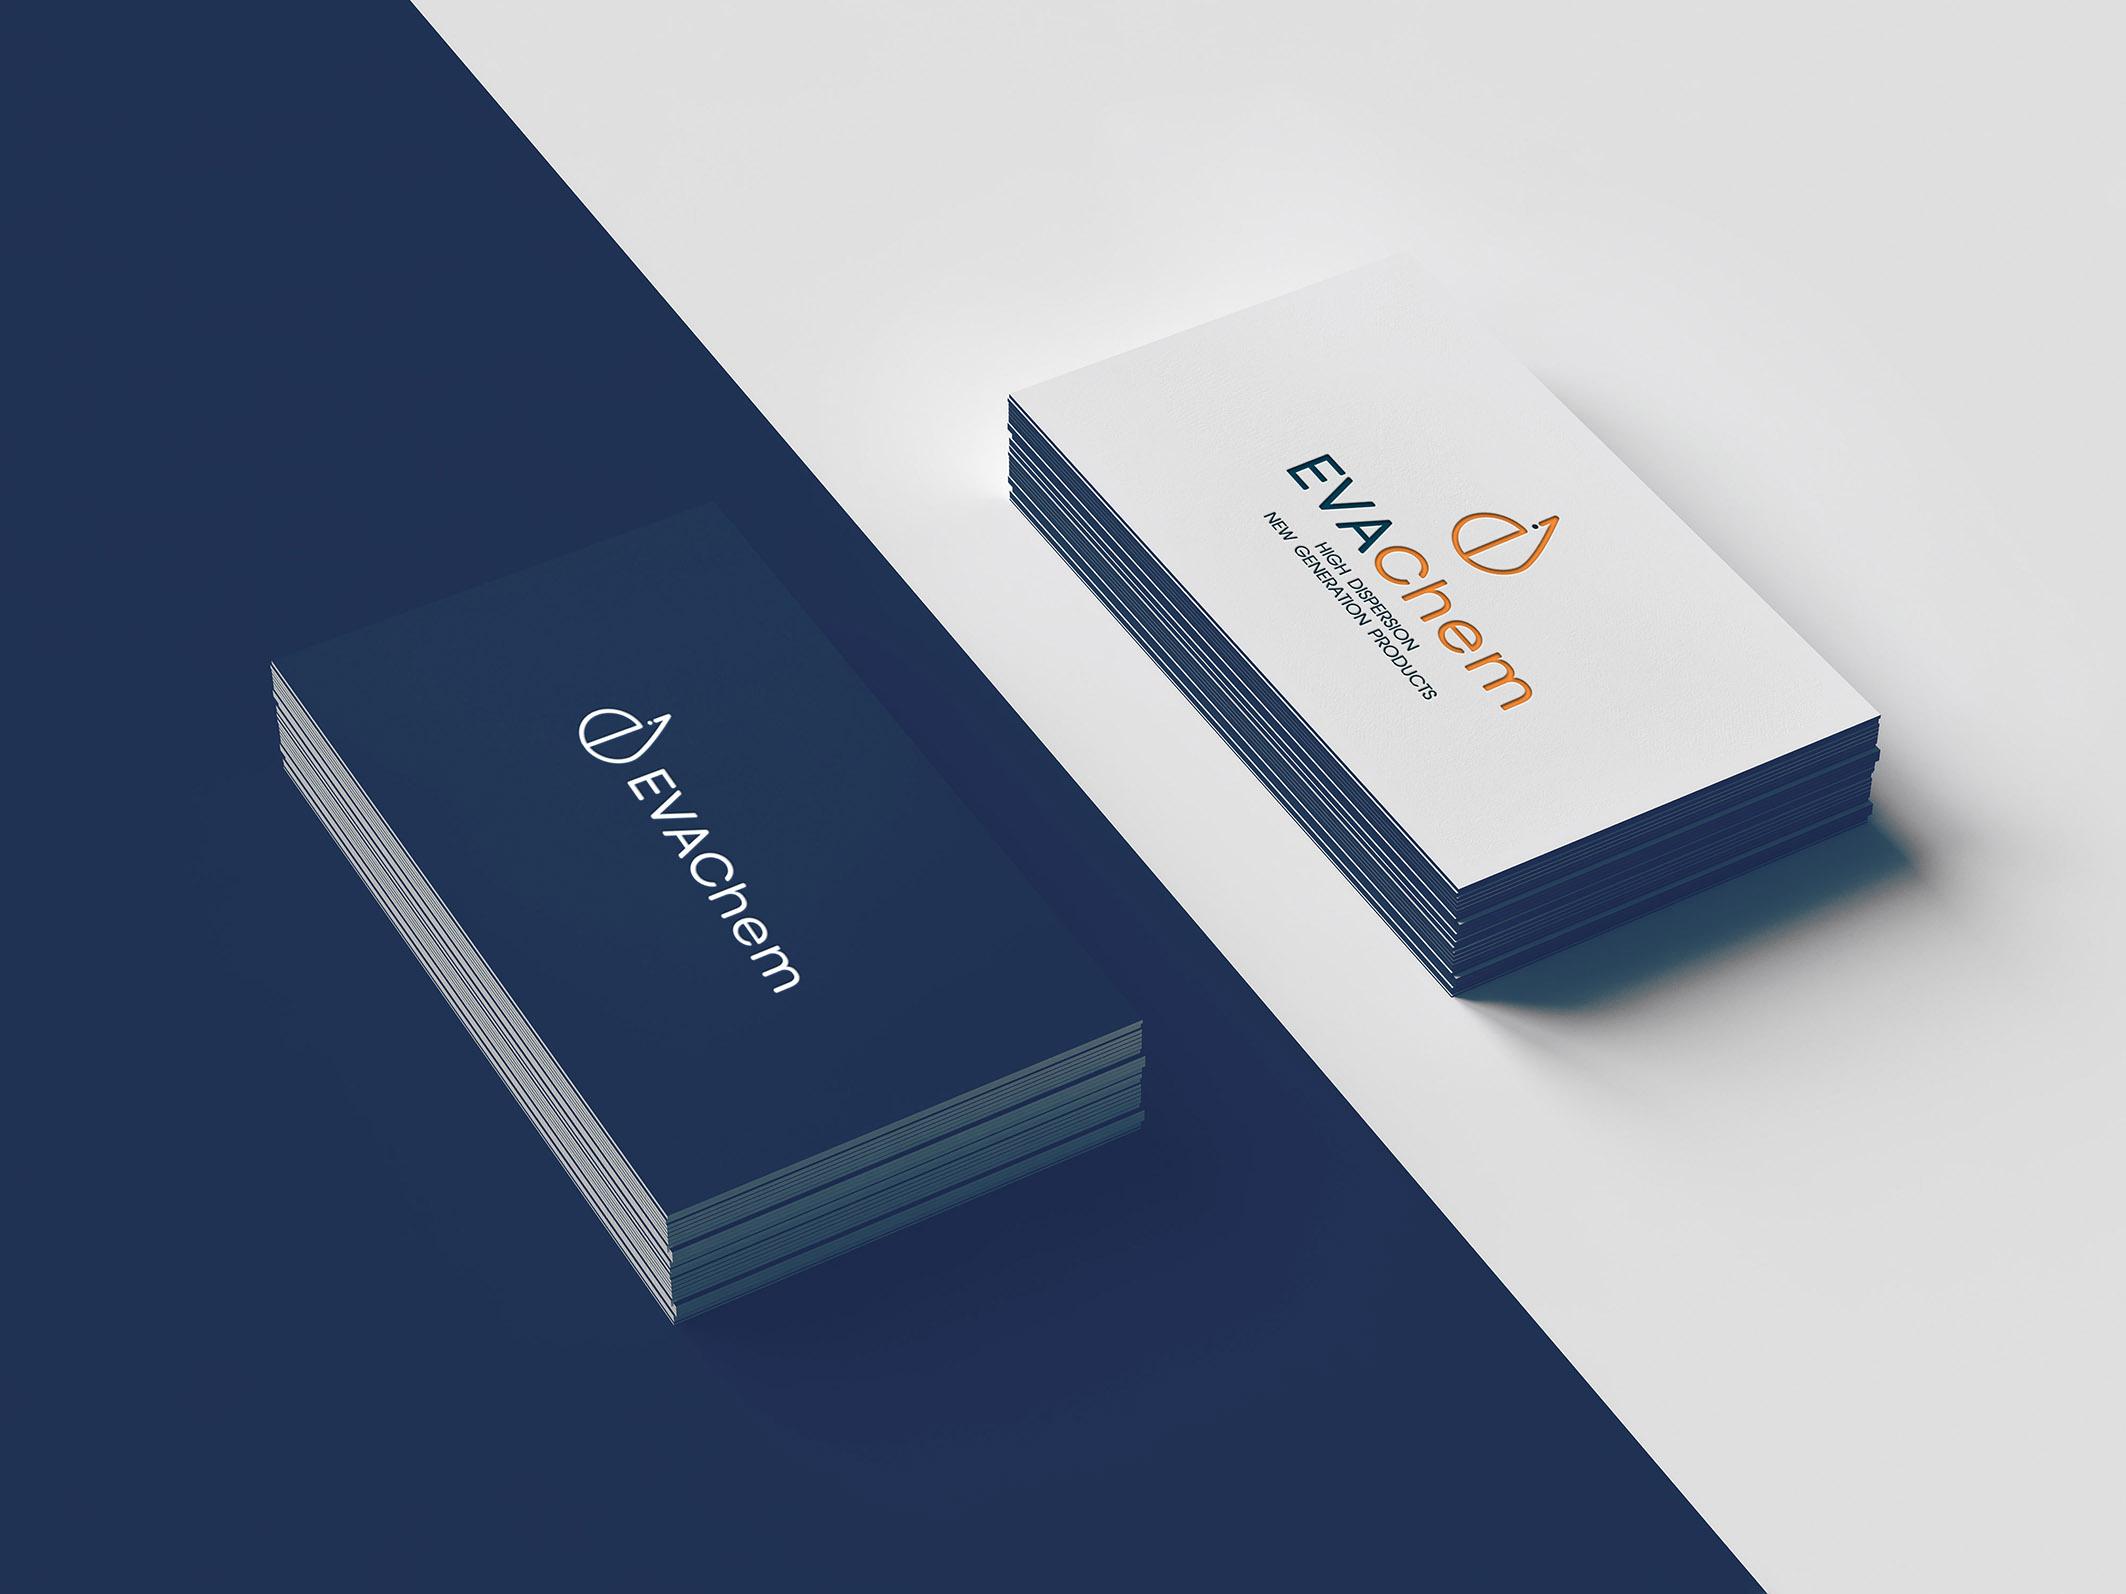 Разработка логотипа и фирменного стиля компании фото f_98657287d8f60b74.jpg